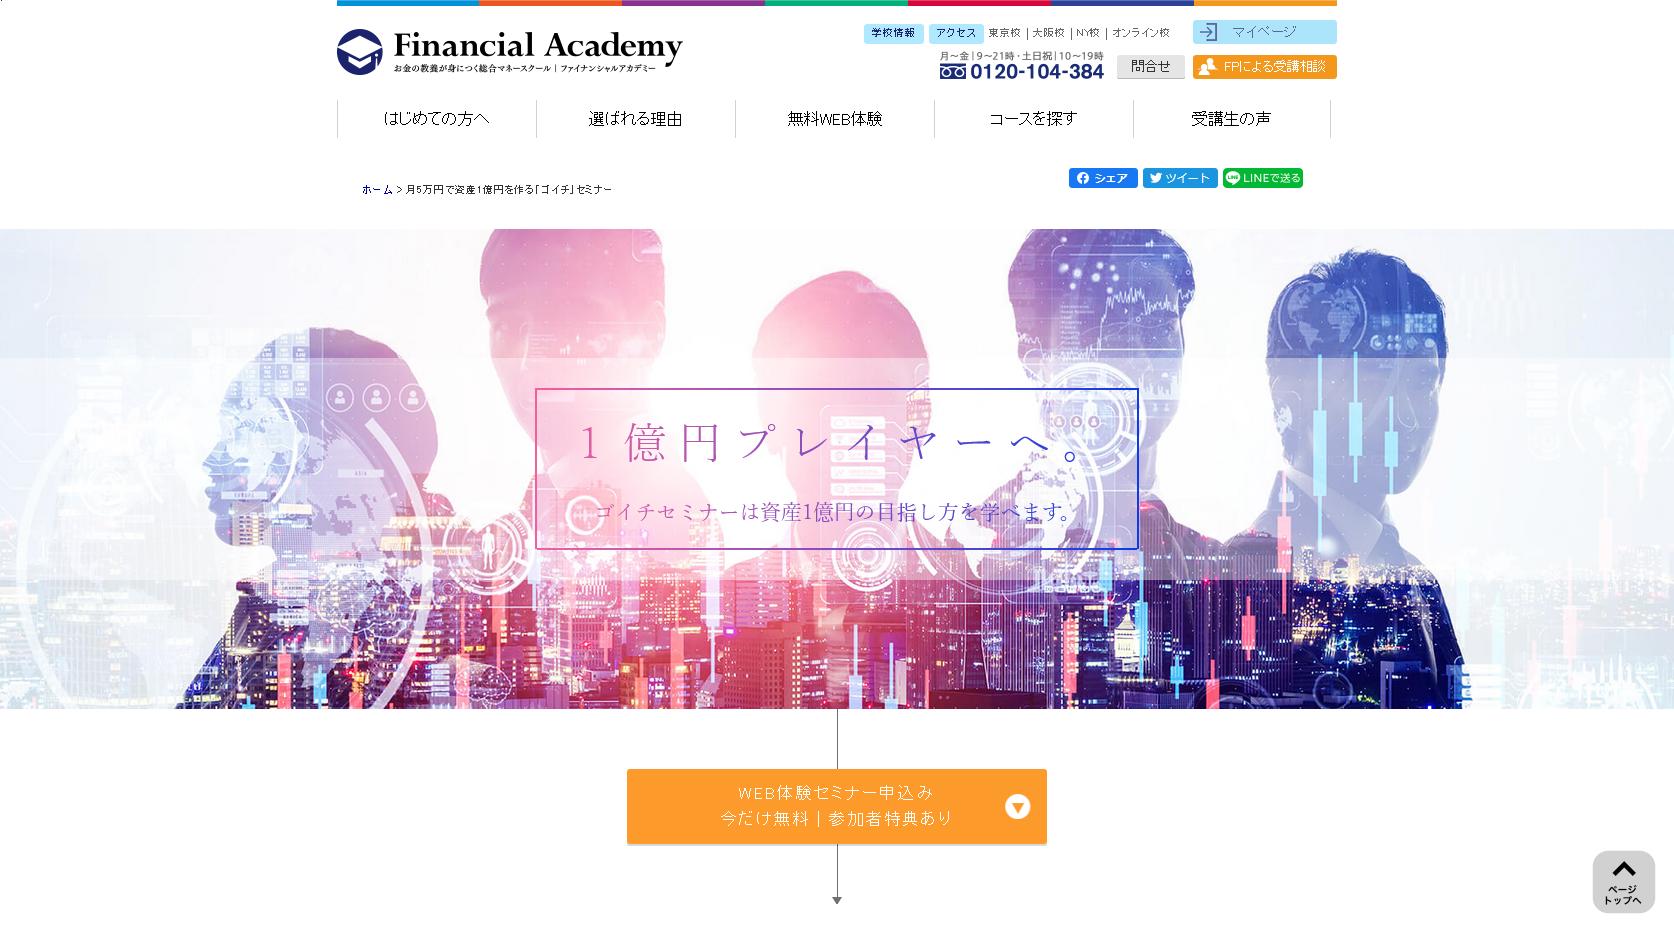 月5万円で資産1億円を作る「ゴイチ」セミナー